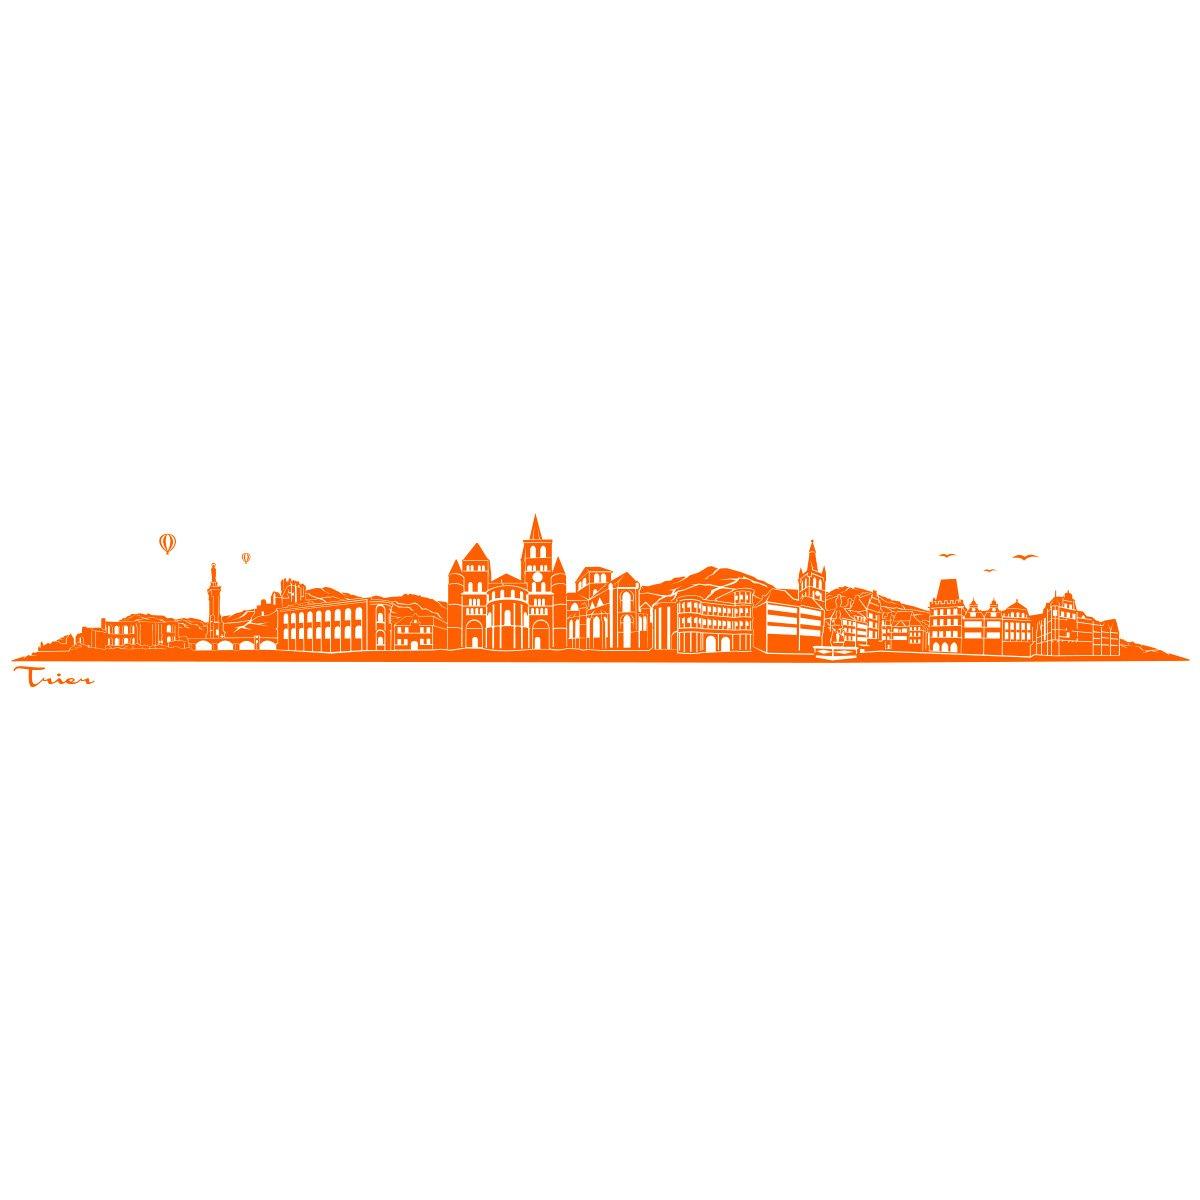 WANDKINGS WANDKINGS WANDKINGS Wandtattoo - Skyline Trier (ohne Fluss) - 240 x 36 cm - Schwarz - Wähle aus 6 Größen & 35 Farben B078SH3H9F Wandtattoos & Wandbilder 9de768